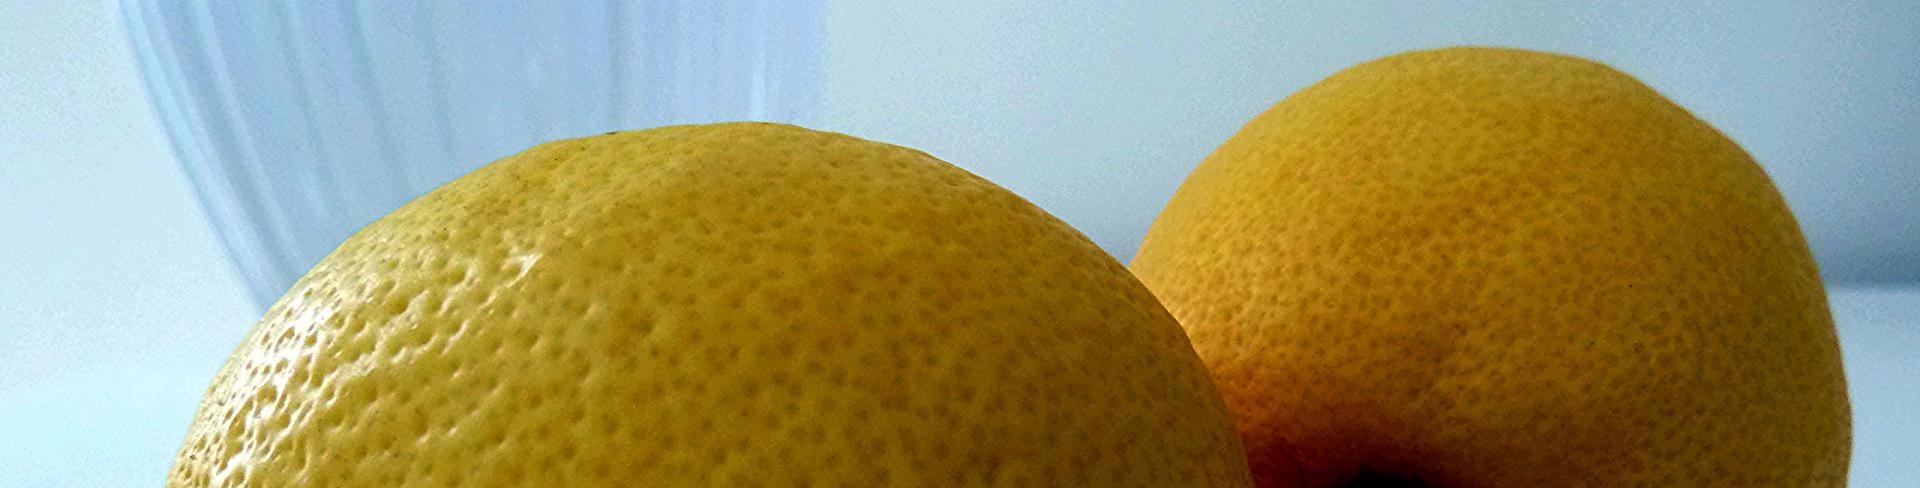 Citron jaunes